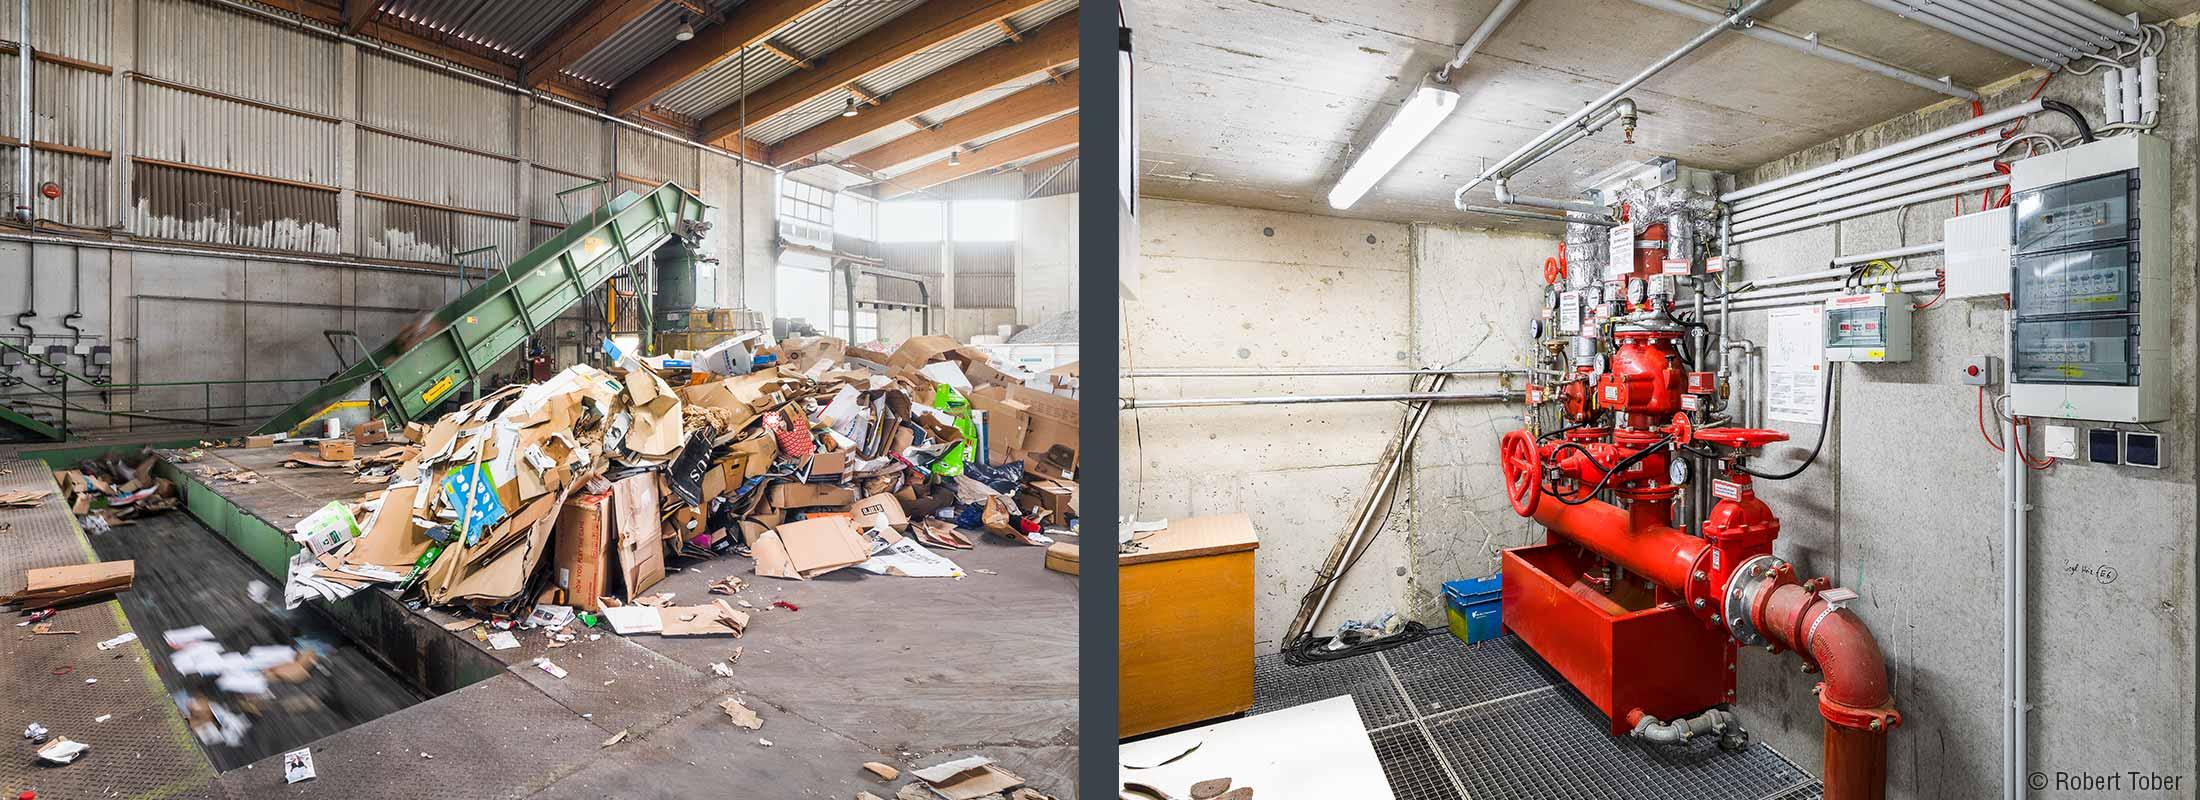 Altpapierverwertung. Sprinklerzentrale, geplant von Hoyer Brandschutz. NUA Abfallwirtschaft Brantner- Hohenruppersdorf © Robert Tober